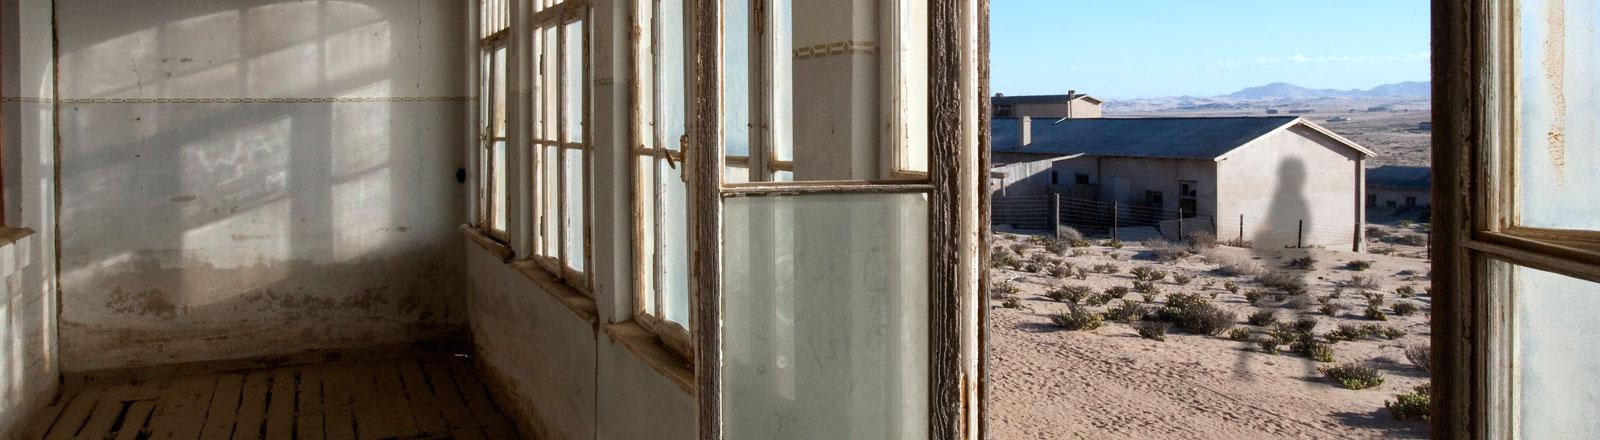 Ein leerer Raum mit einem geöffneten Fenster - draußen geht ein schemenhafter Schatten vorbei.